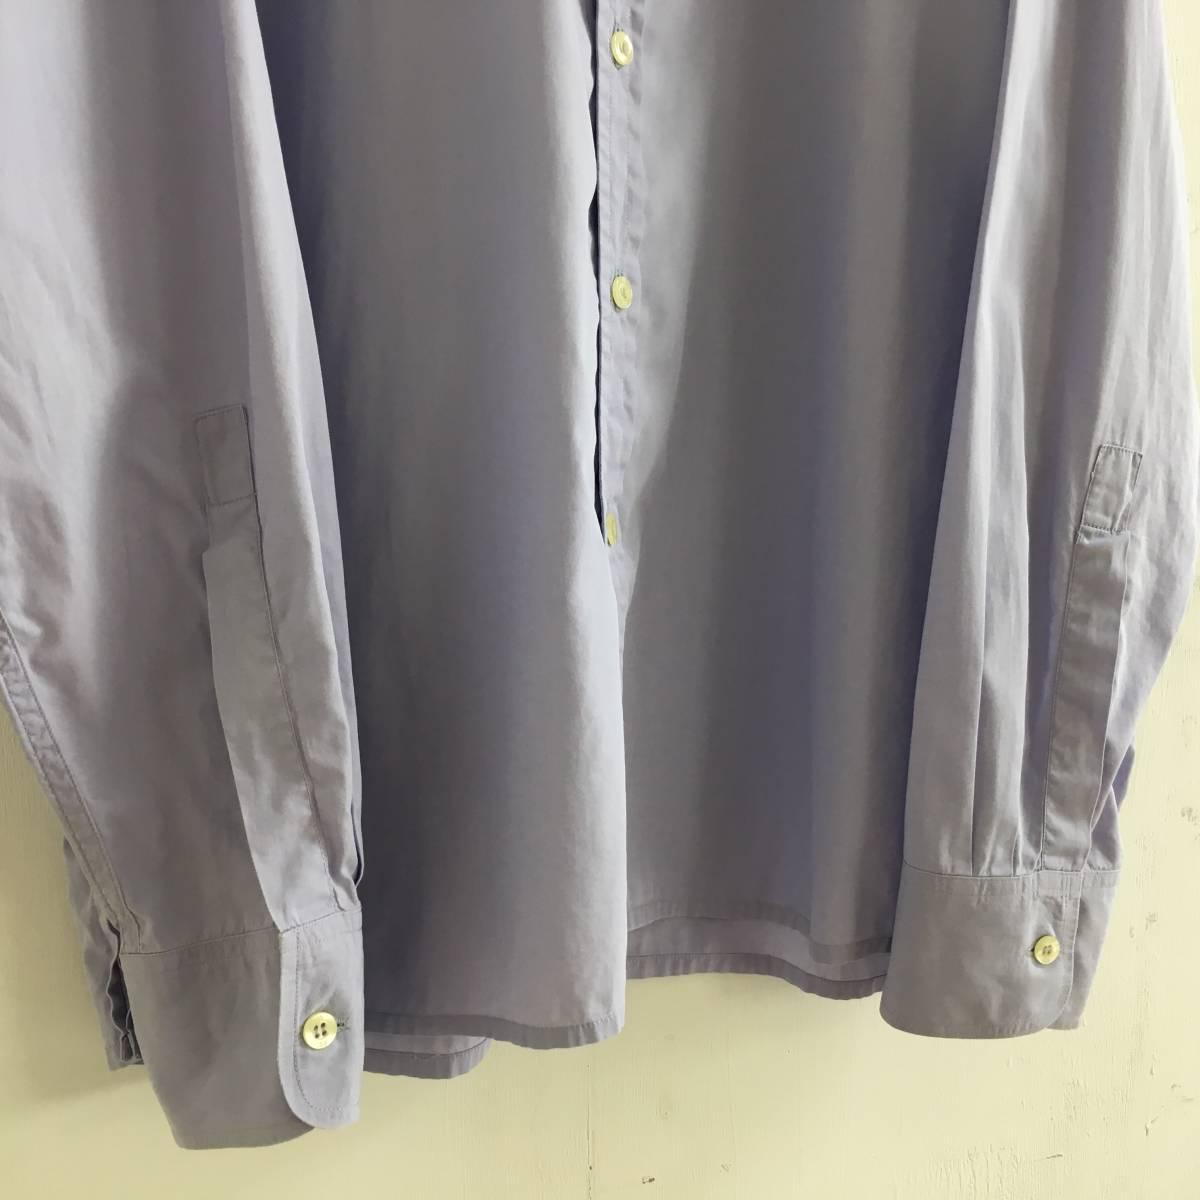 #Paul Smith ポールスミス 長袖シャツ ブラウス 薄い紫 パープル Mサイズ 綿100% USED【送料一律/同梱可能】_画像3